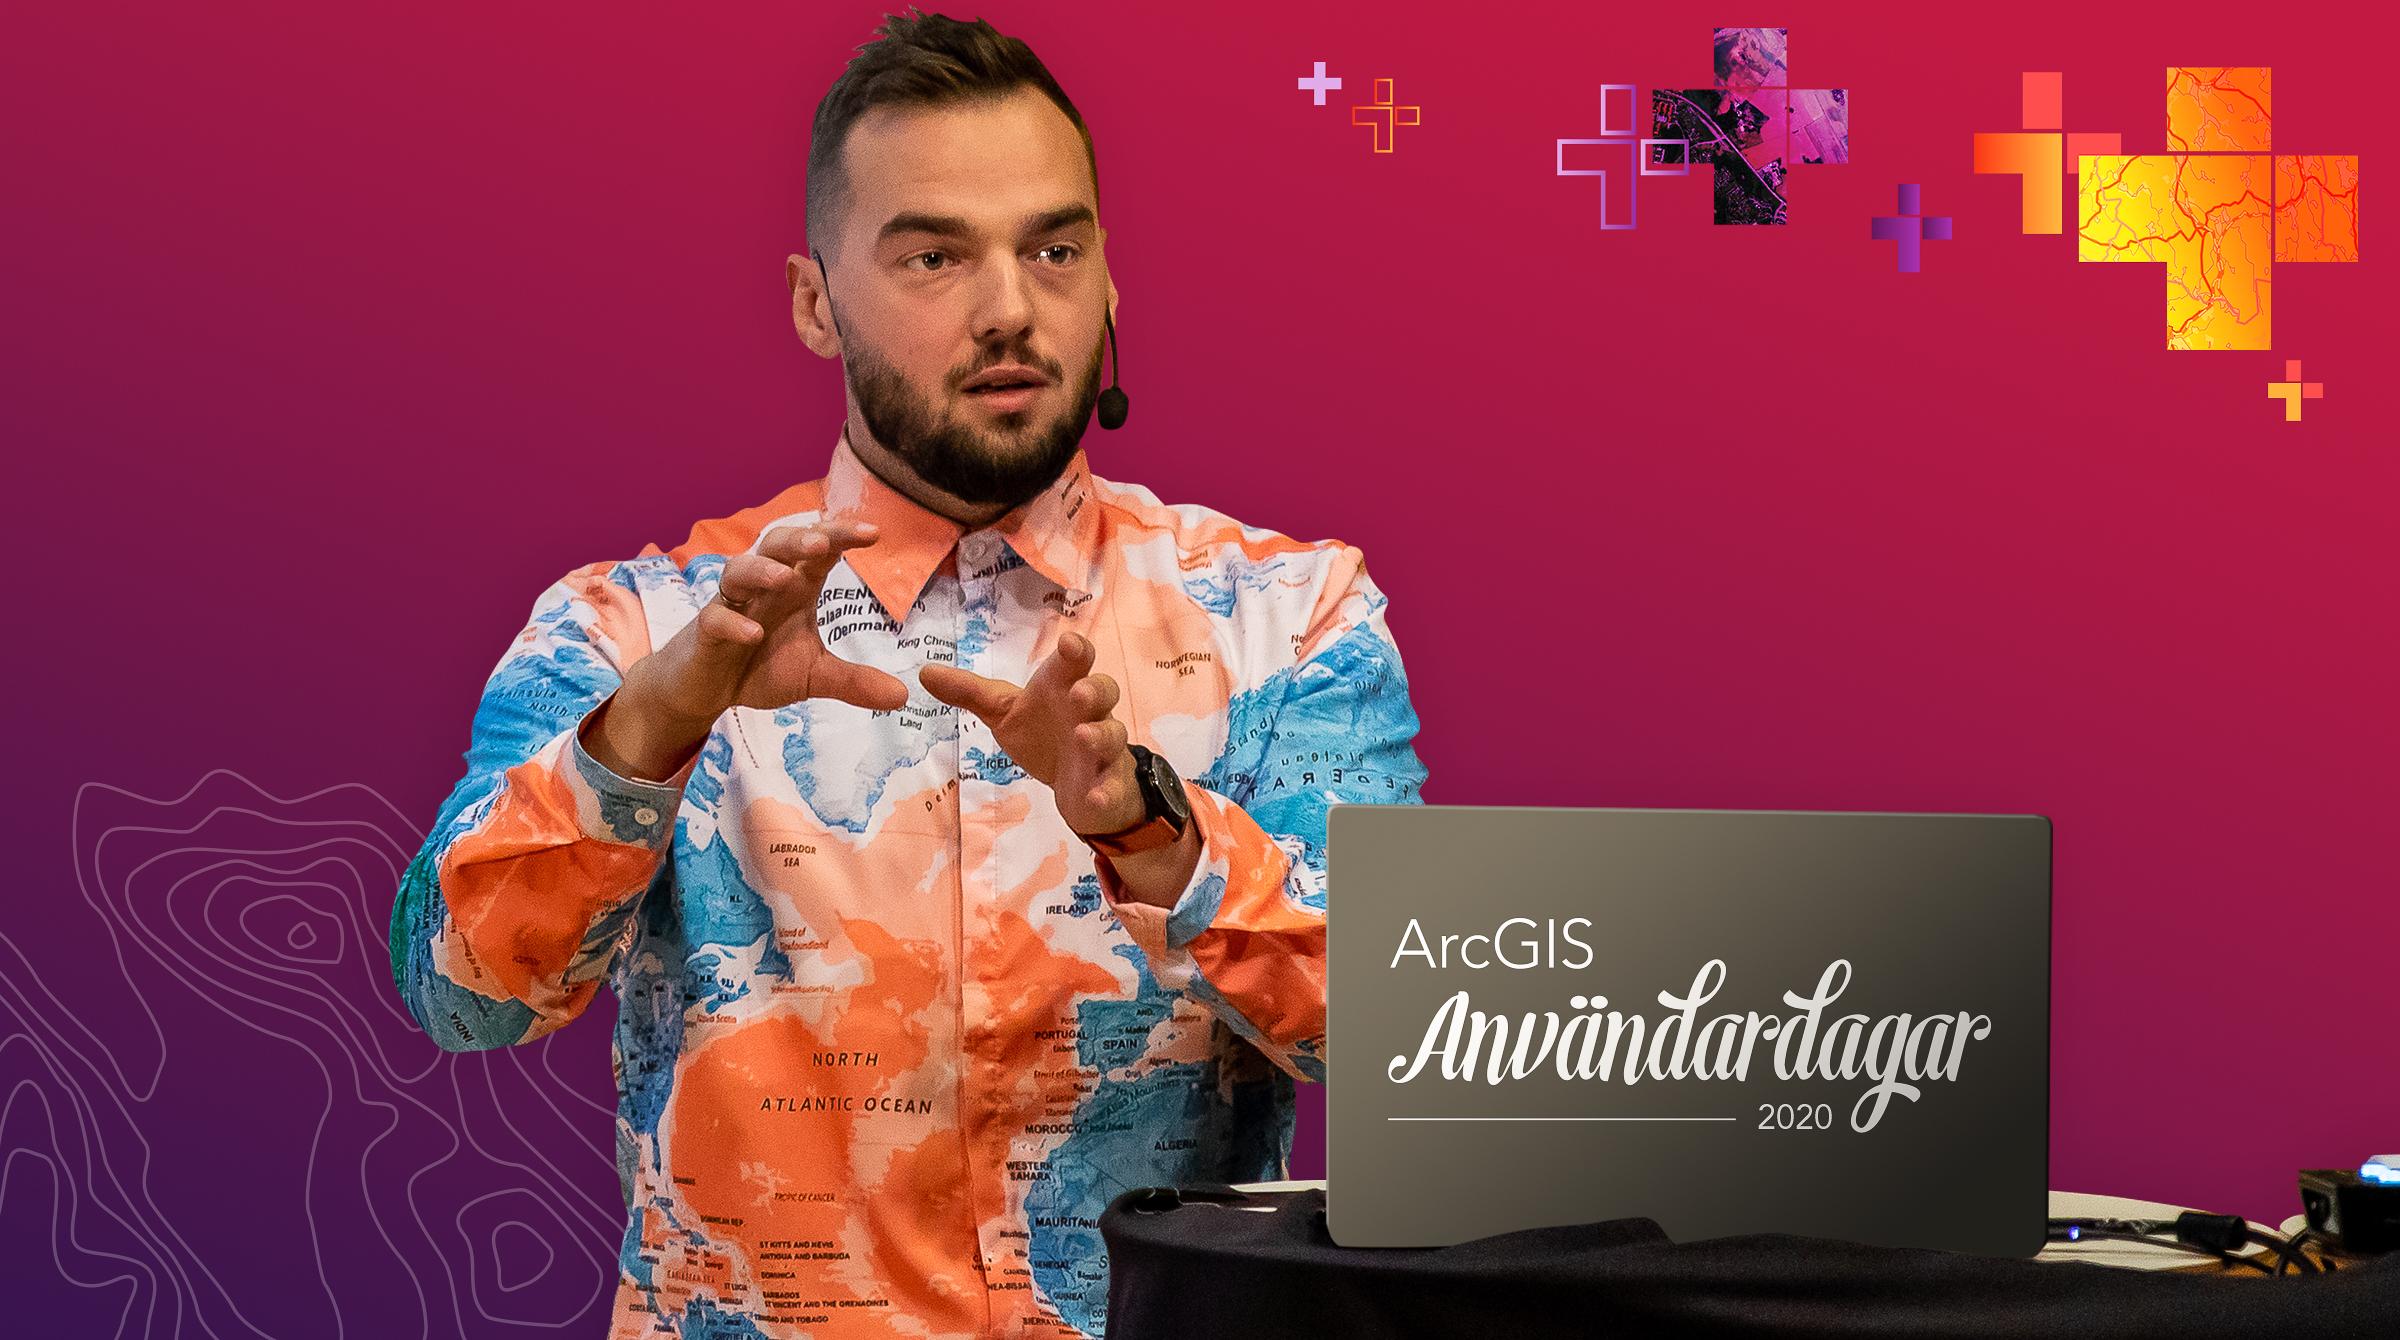 GIS-expert förklarar fråga om ArcGIS